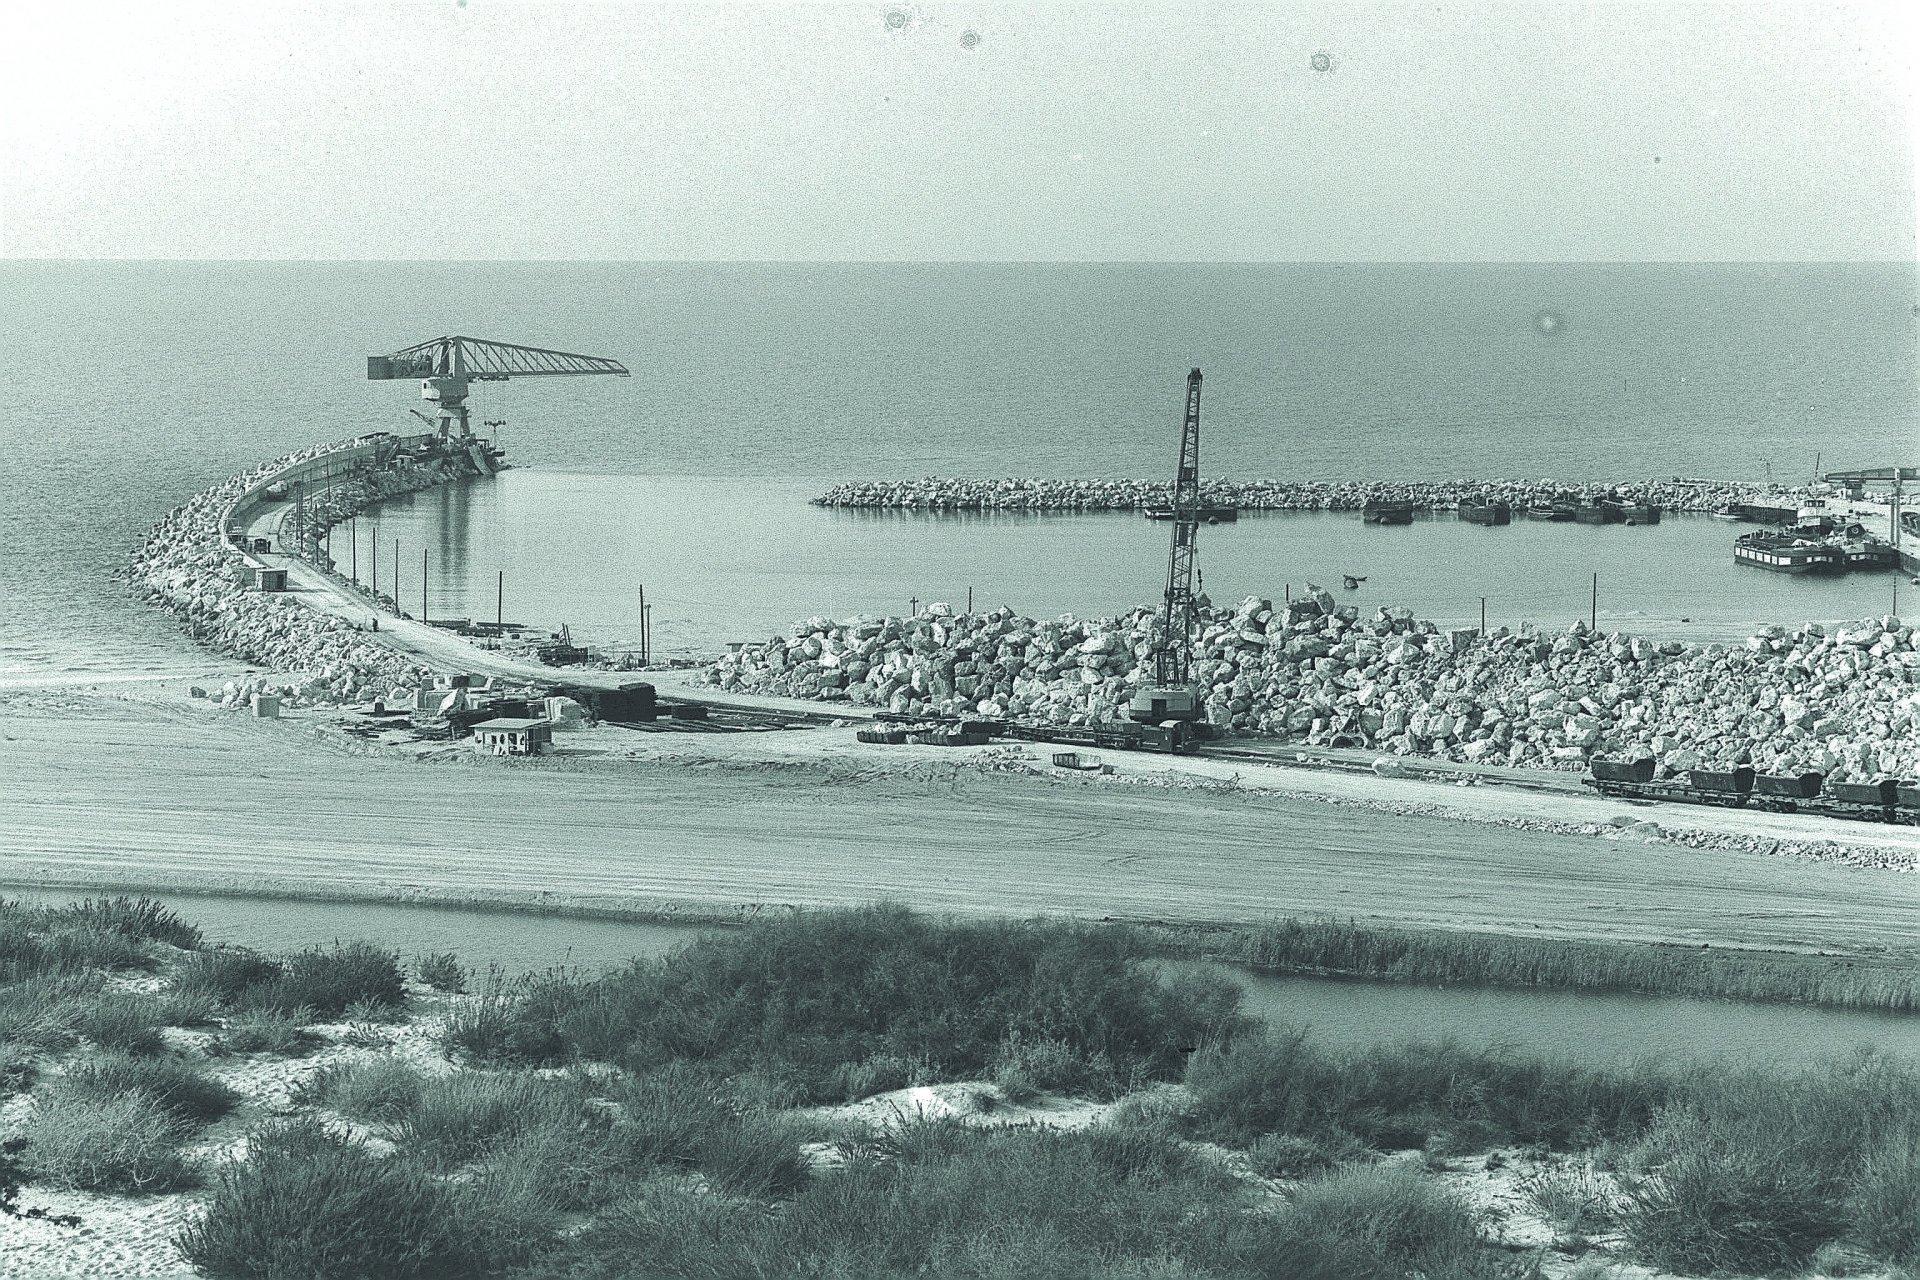 בניית שובר הגלים של נמל אשדוד, למטה נחל לכיש. צילום: COHEN FRITZ, לשכת העיתונות הממשלתית